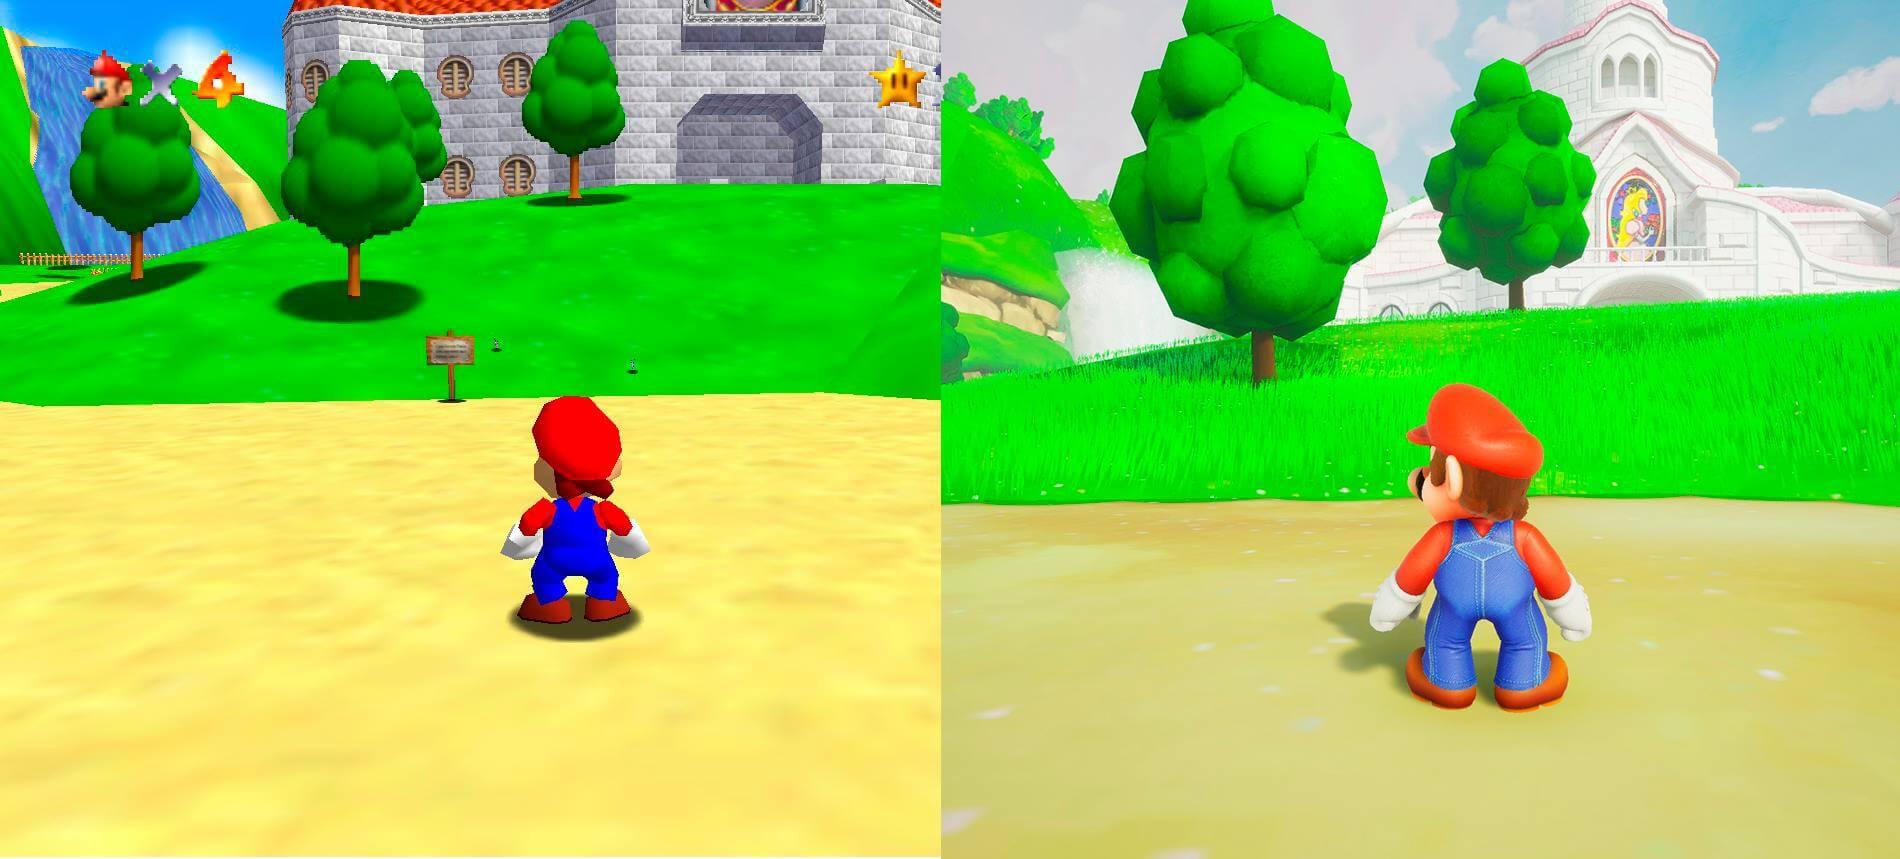 Super Mario 64 Nintendo 64 Versus Unreal Engine 4 Pc Fan